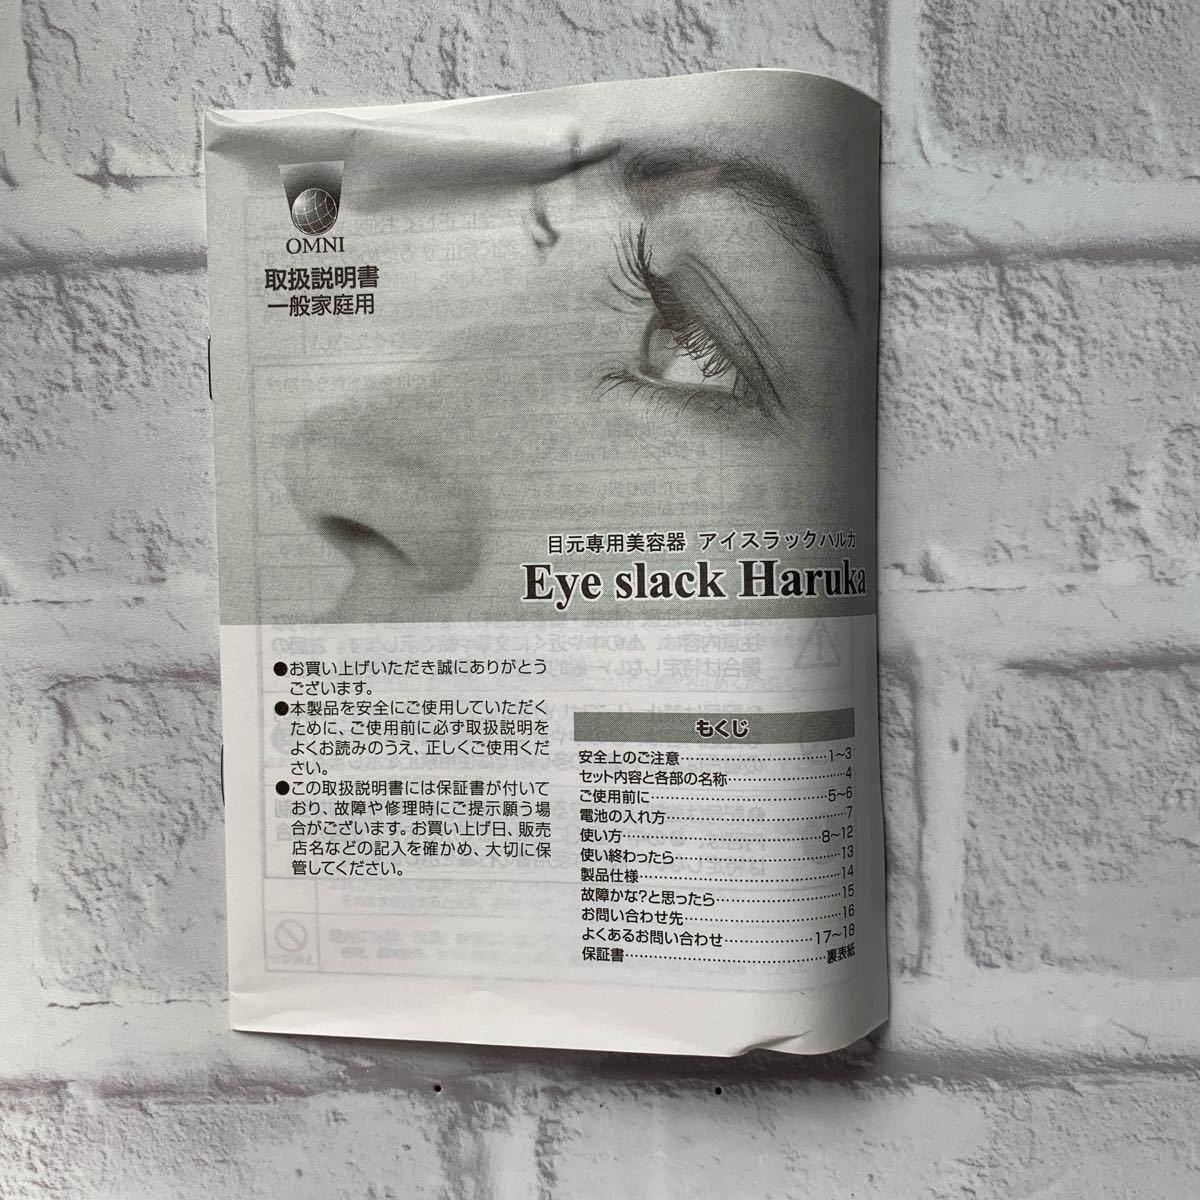 目元専用美容機器 アイスラックハルカ Eye slack Haruka